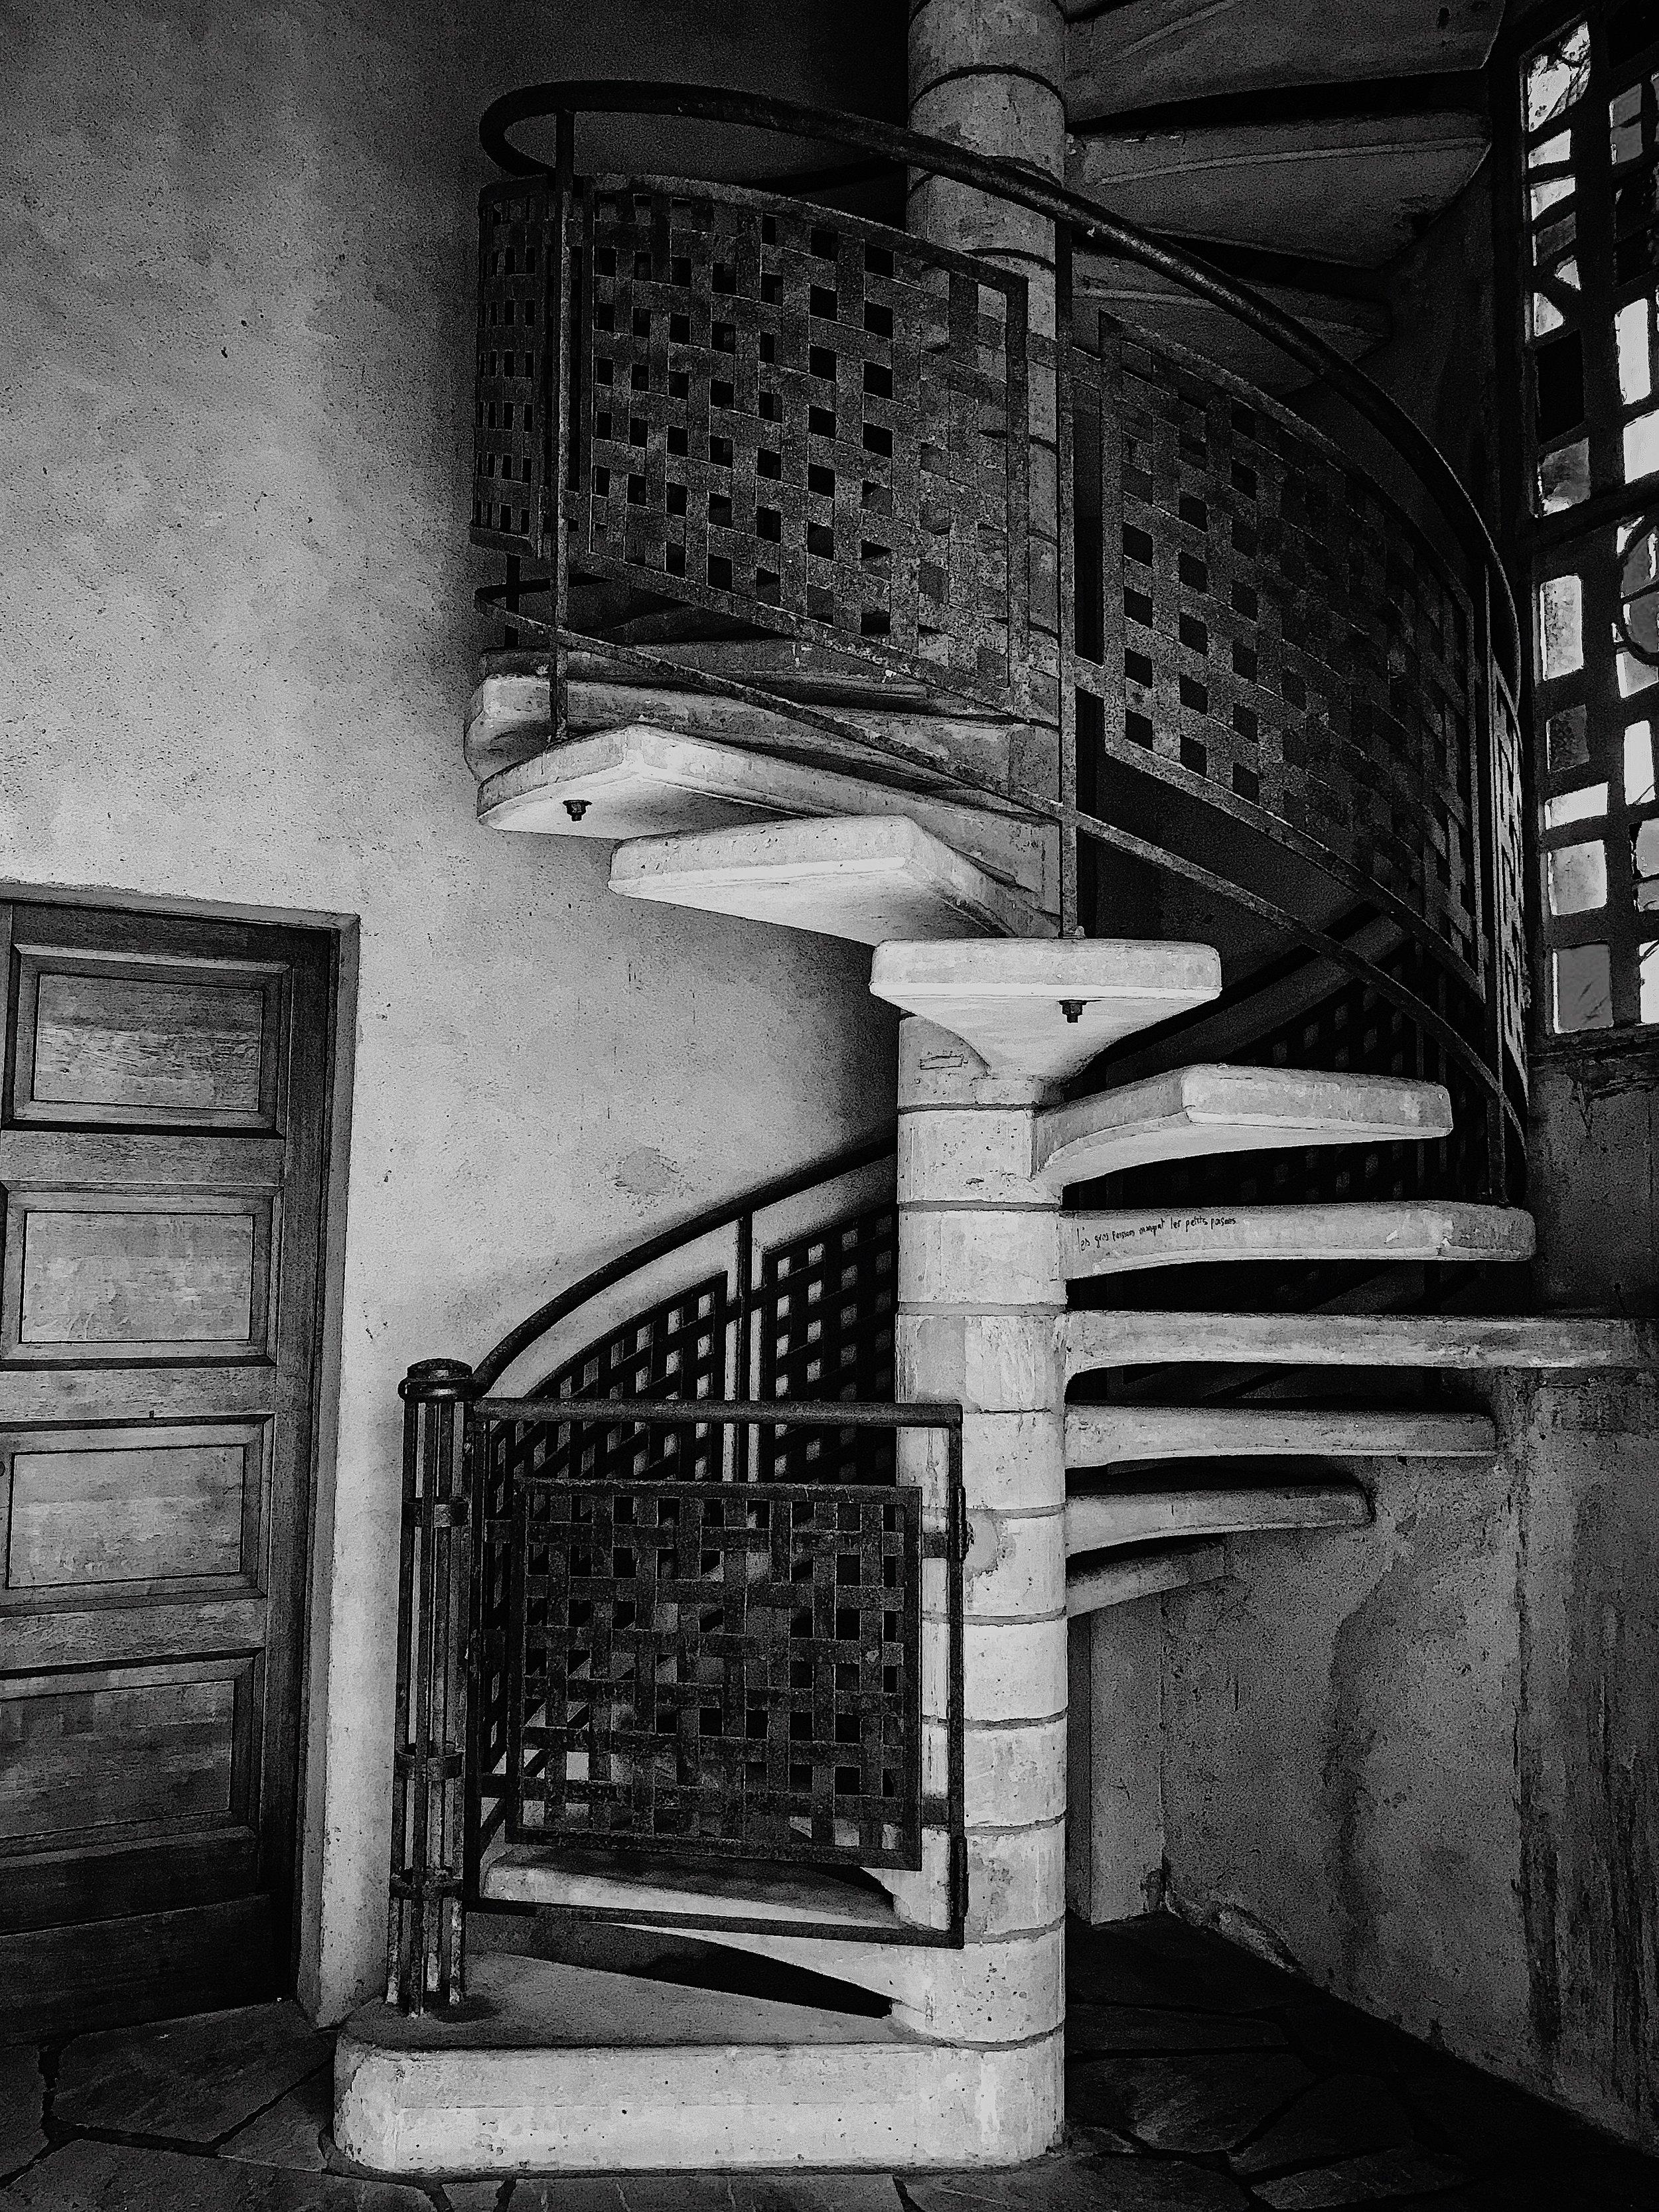 Mackintosh-like spiral, Église Notre-Dame-de-Victoire de Lorient